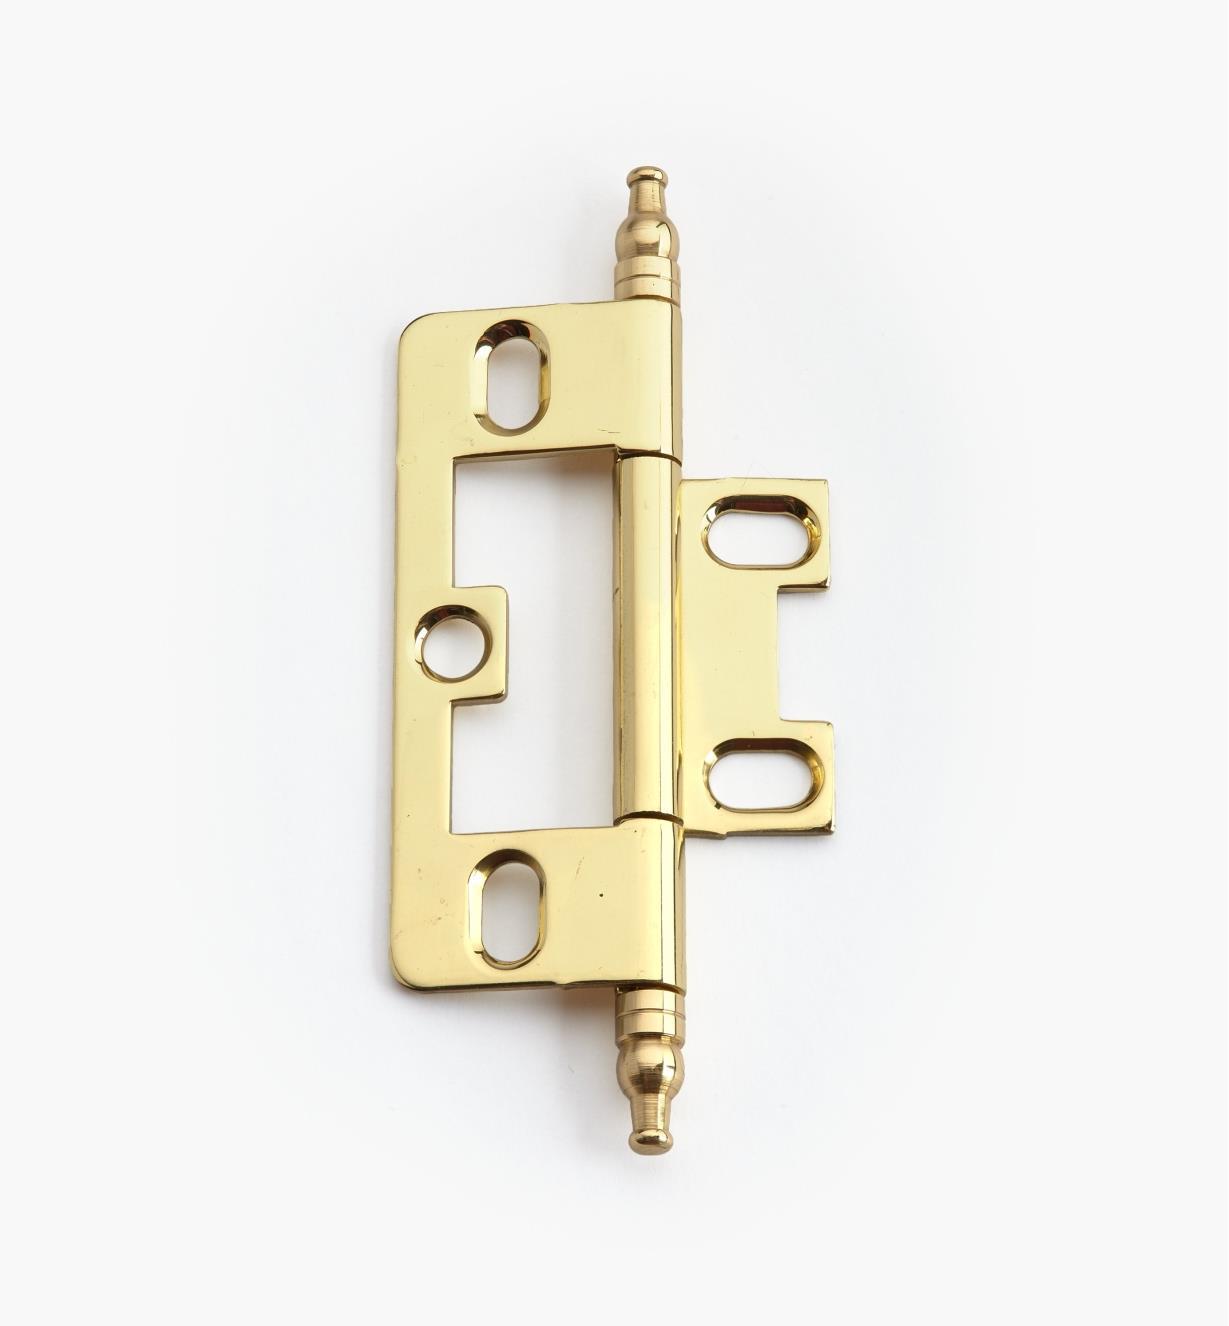 02H1203 - Polished Brass No-Mortise Hinge/Minaret